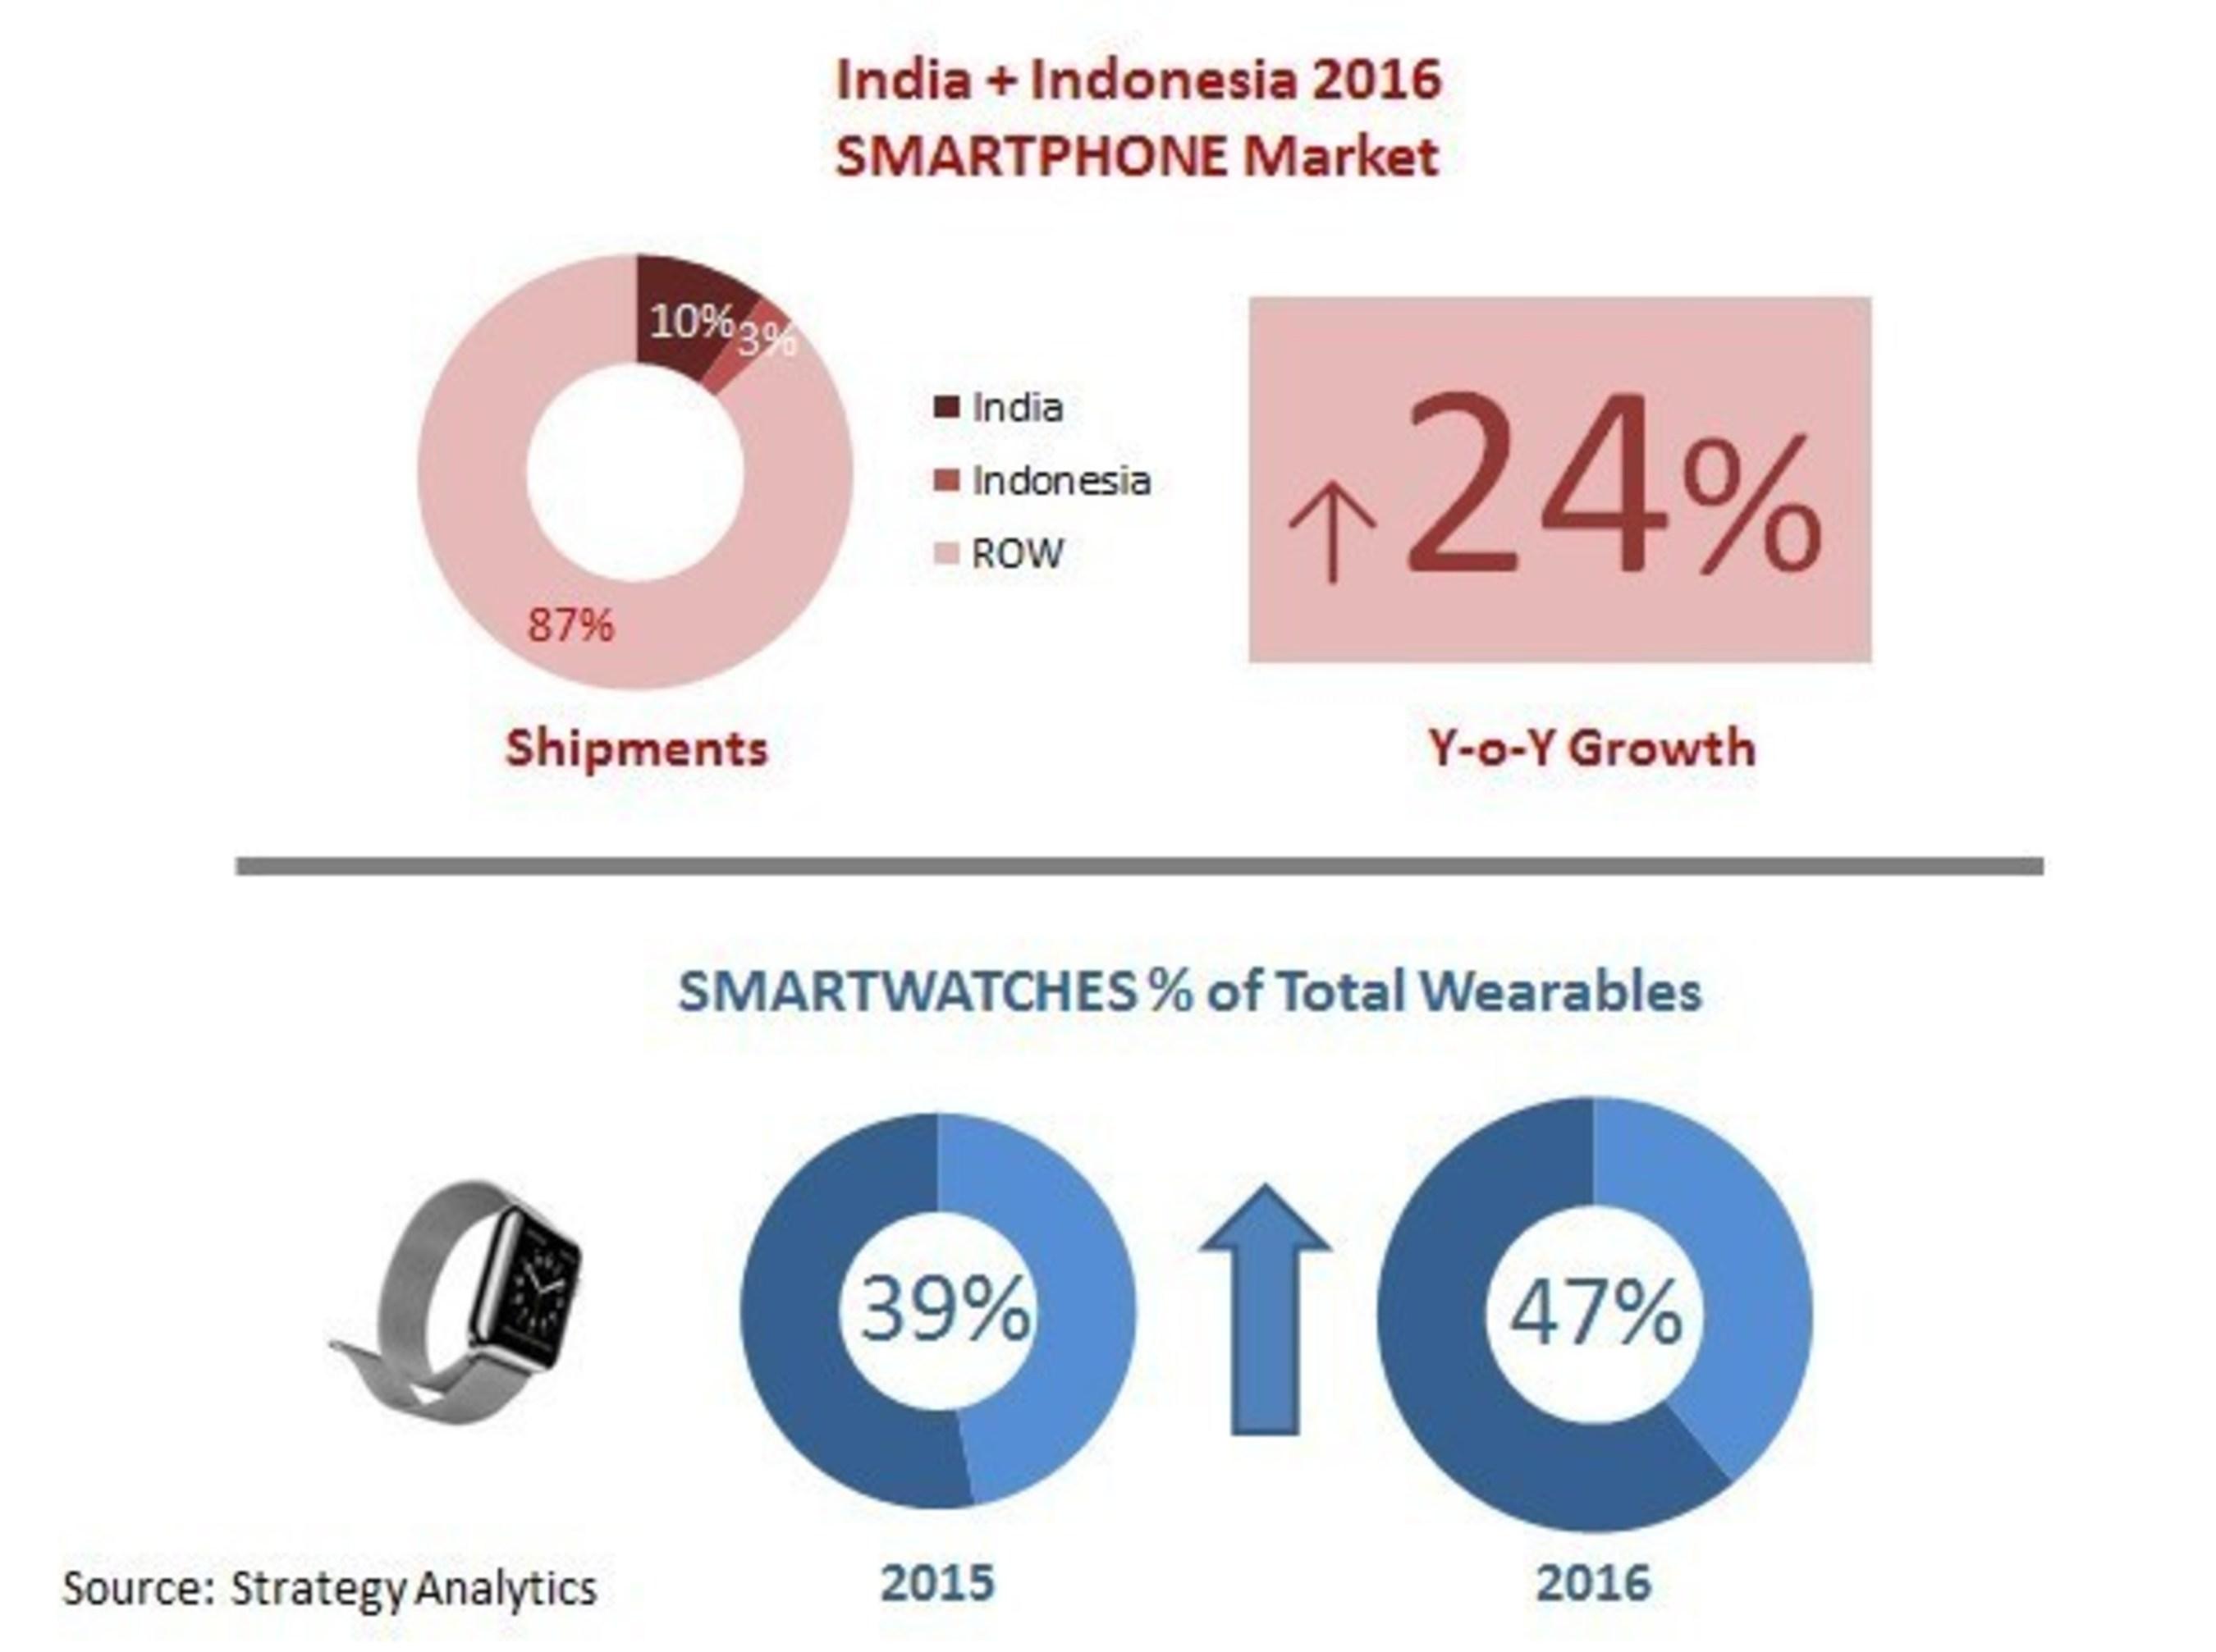 Top Global Smartphone Trends in 2016